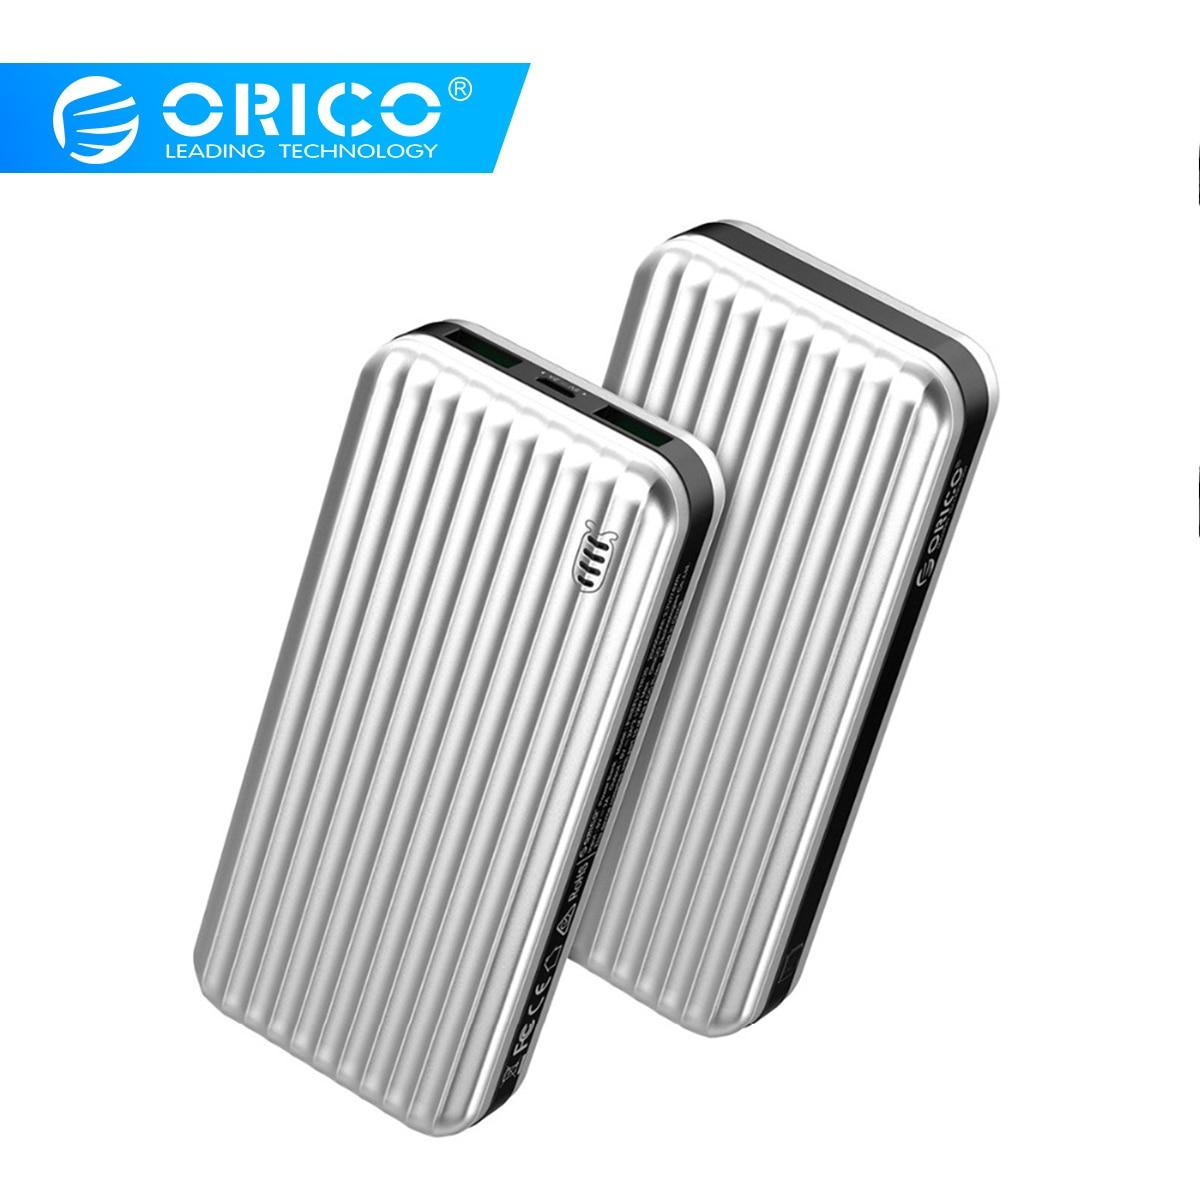 ORICO 20000 mAh batterie externe double Ports 5V2A ABS LED Powerbank batterie externe USB téléphone tablette chargeur pour iPhone Samsung Huawei